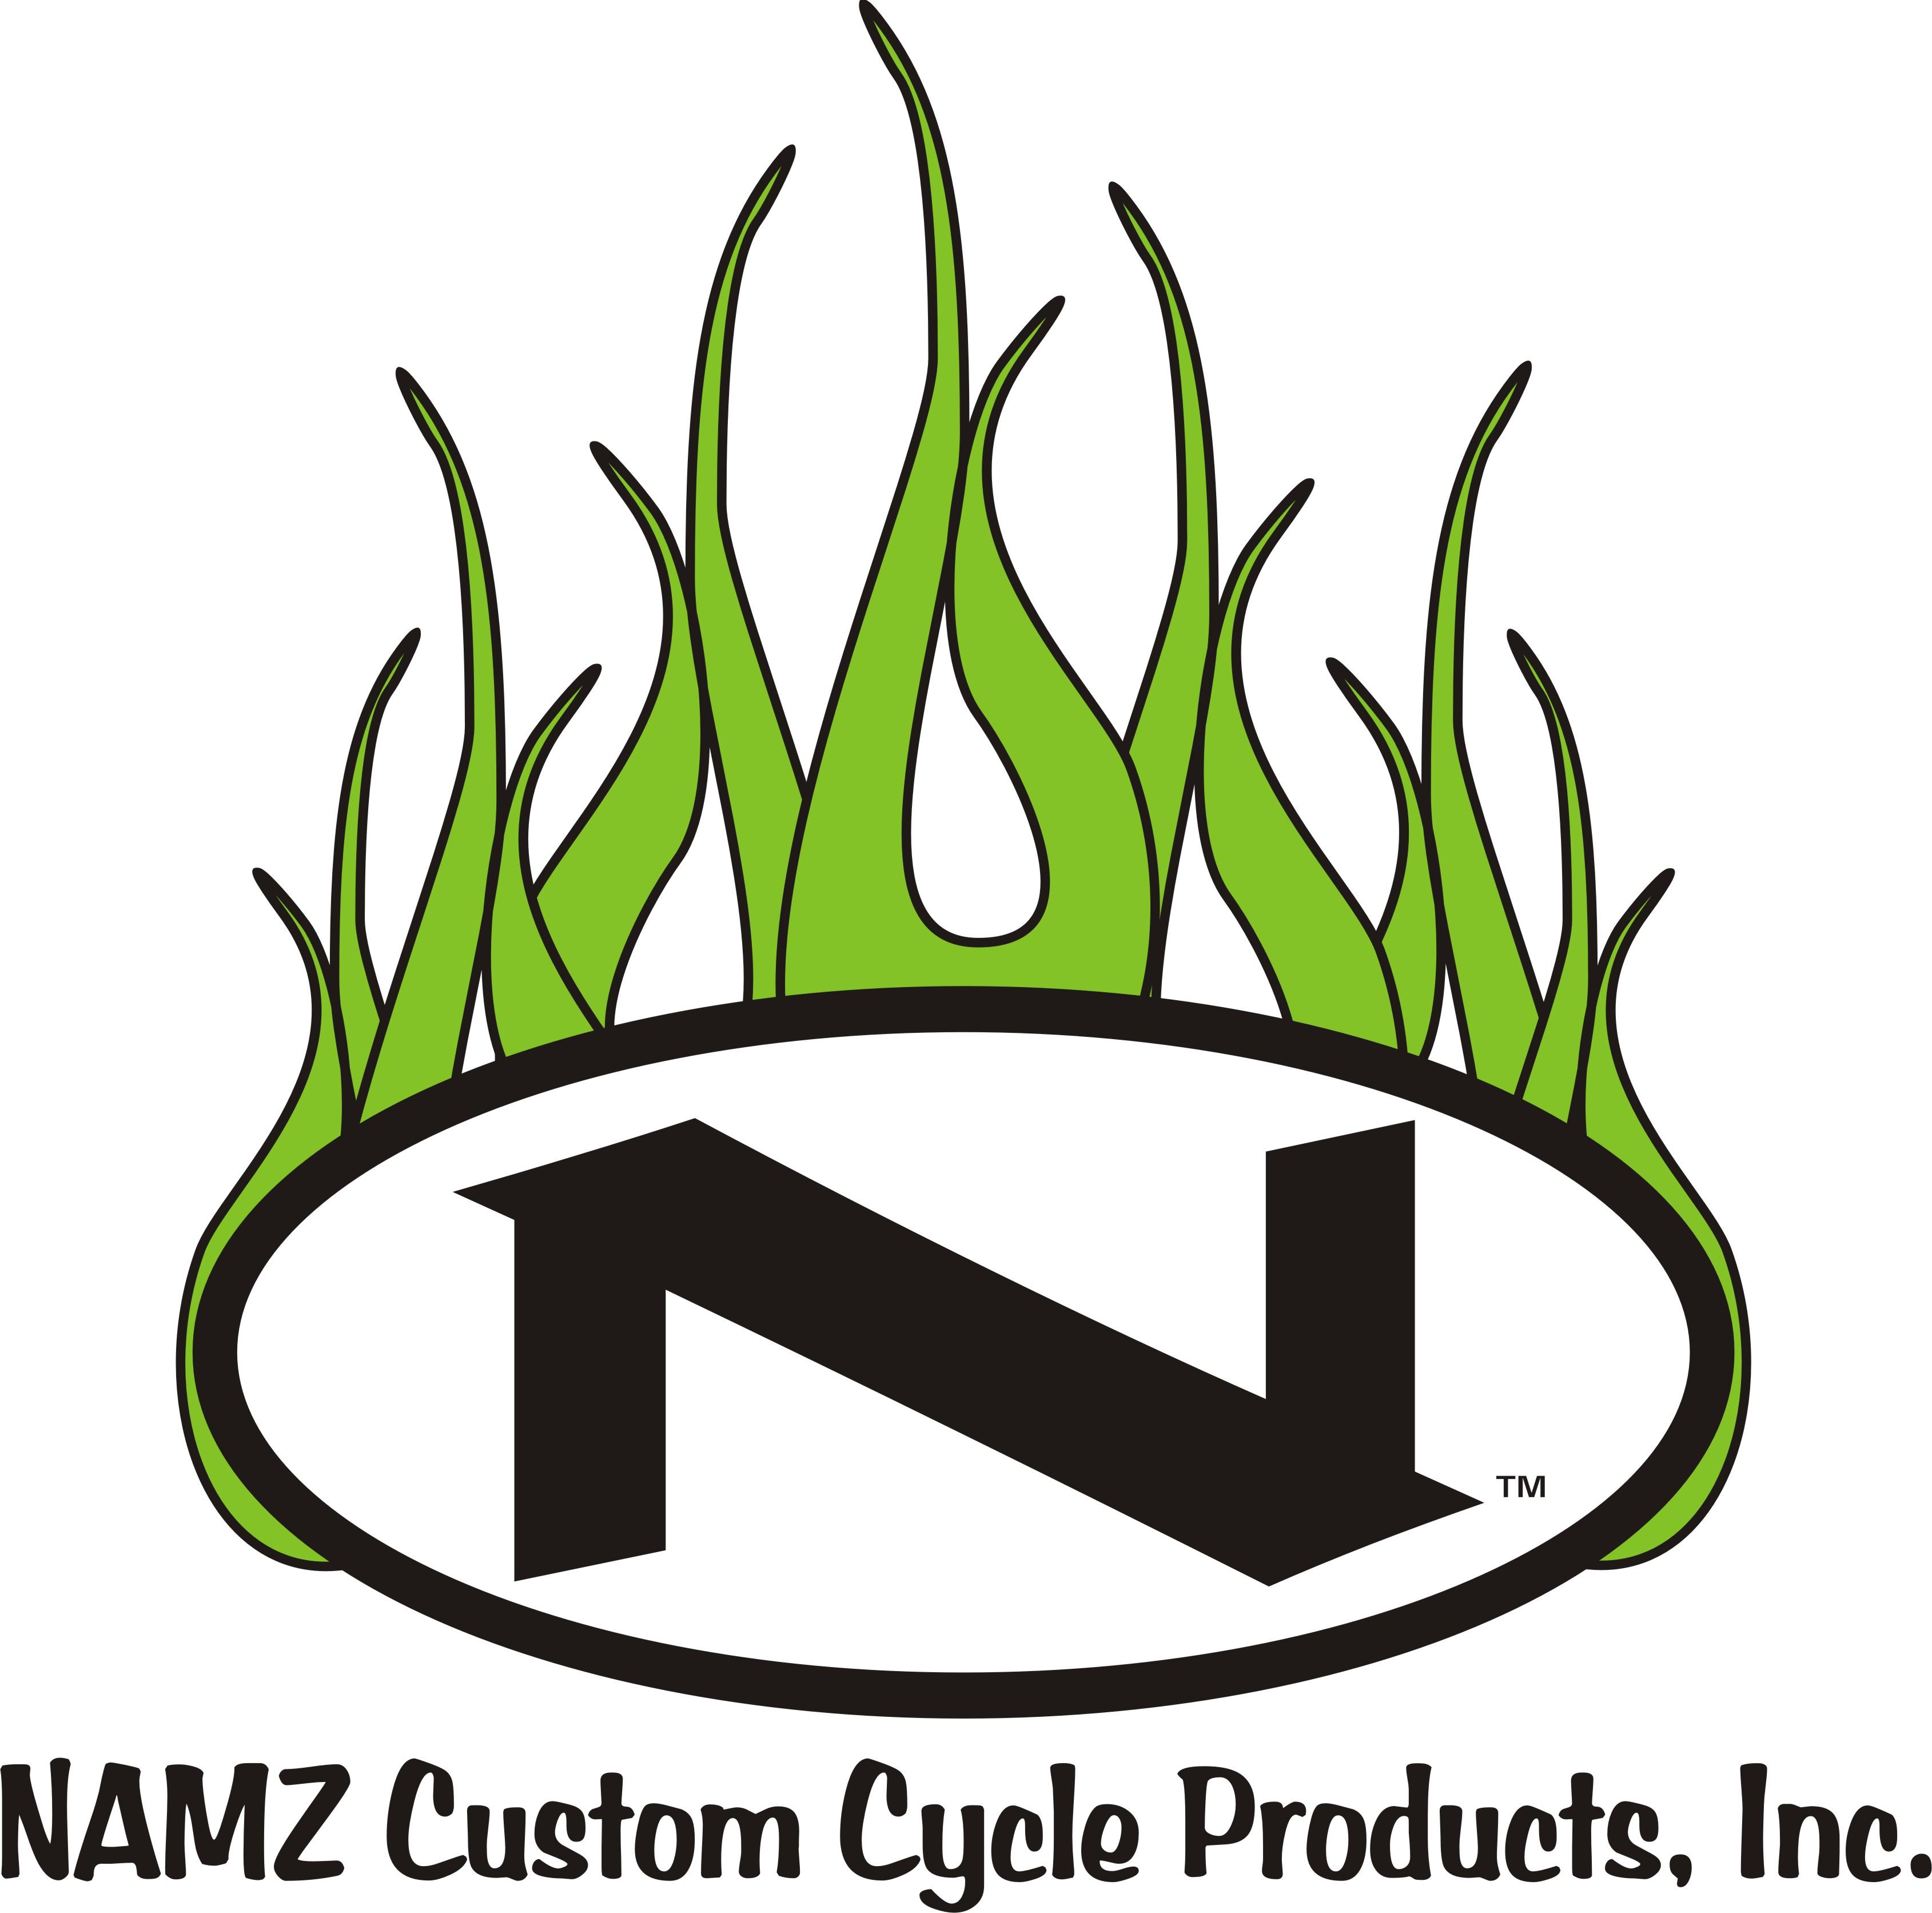 NAMZ 12x12 Flame Logo White